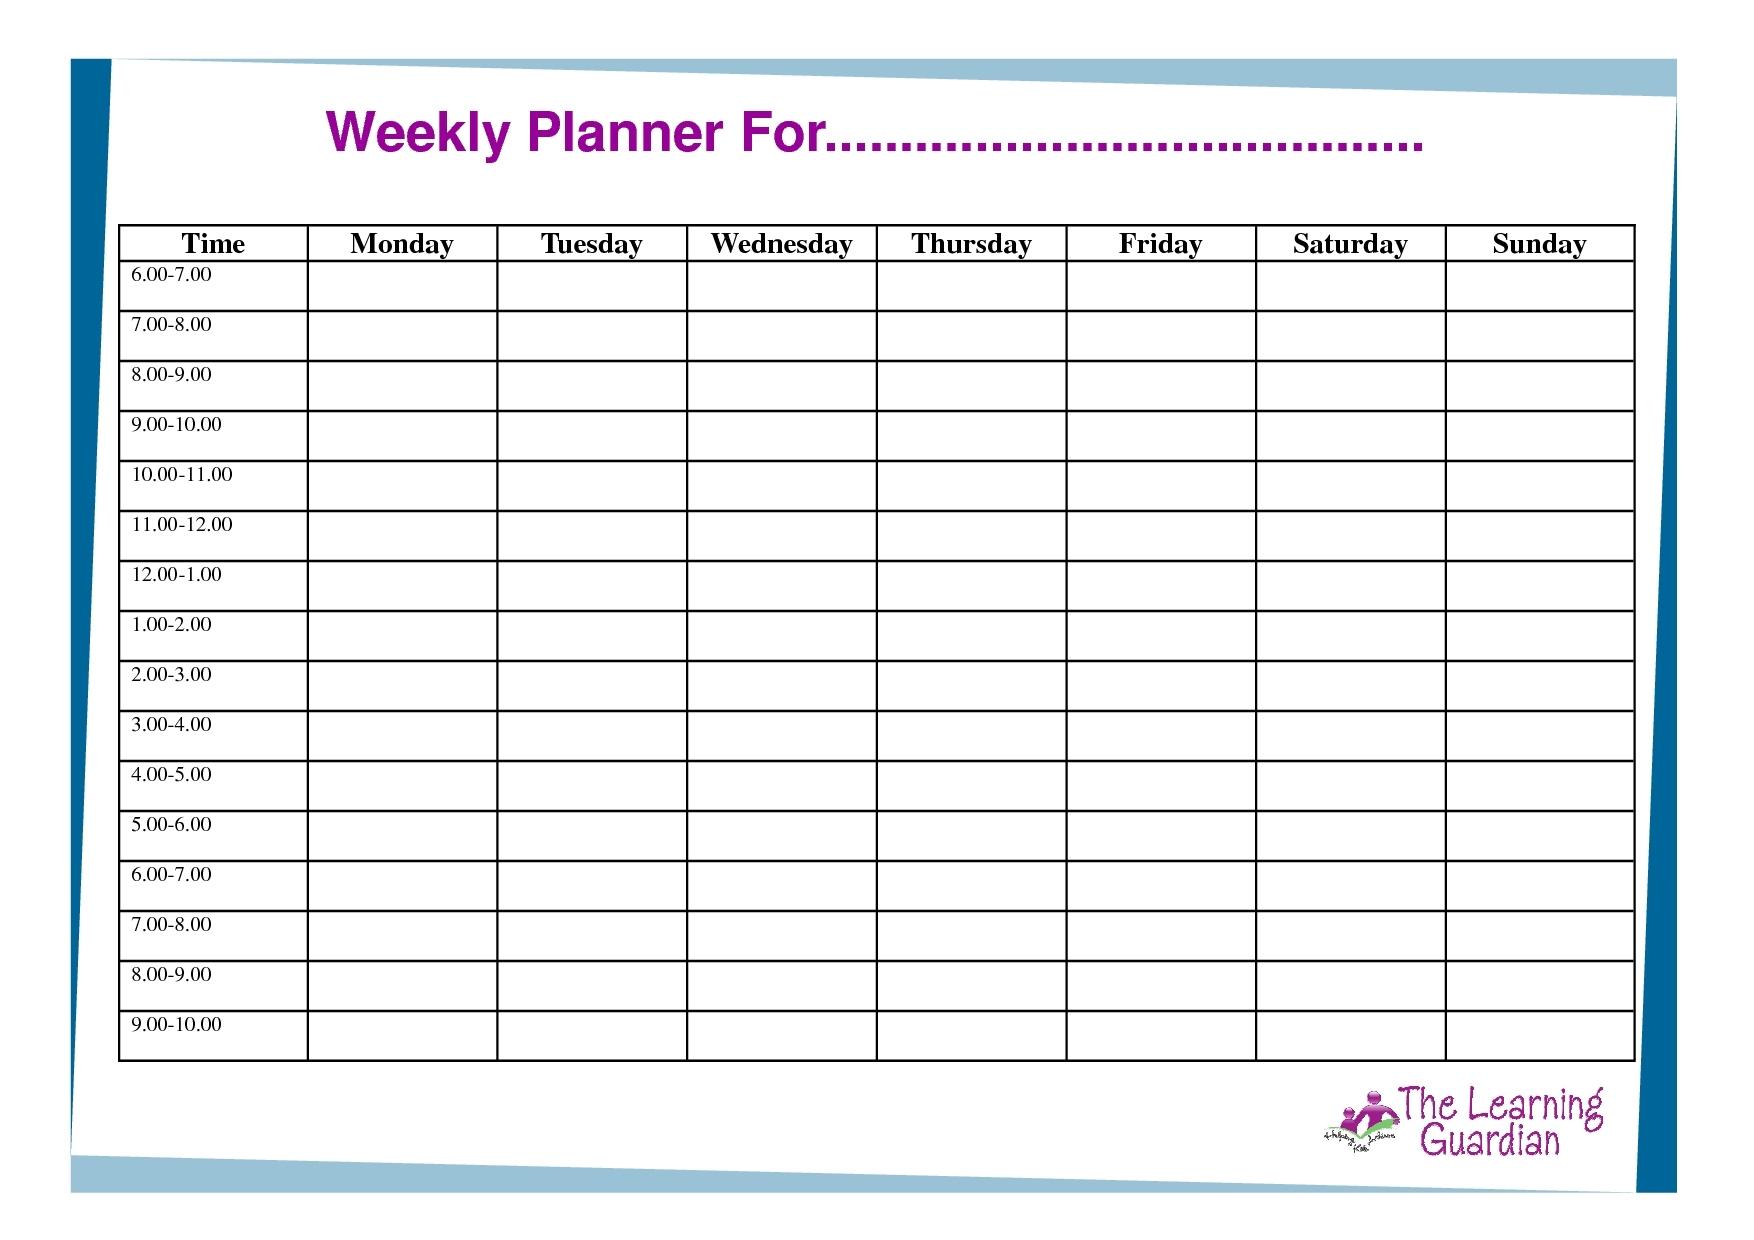 Free 8 Week Calendar Template | Calendar Design Ideas-Eight 8 Week Calendar Template Printable